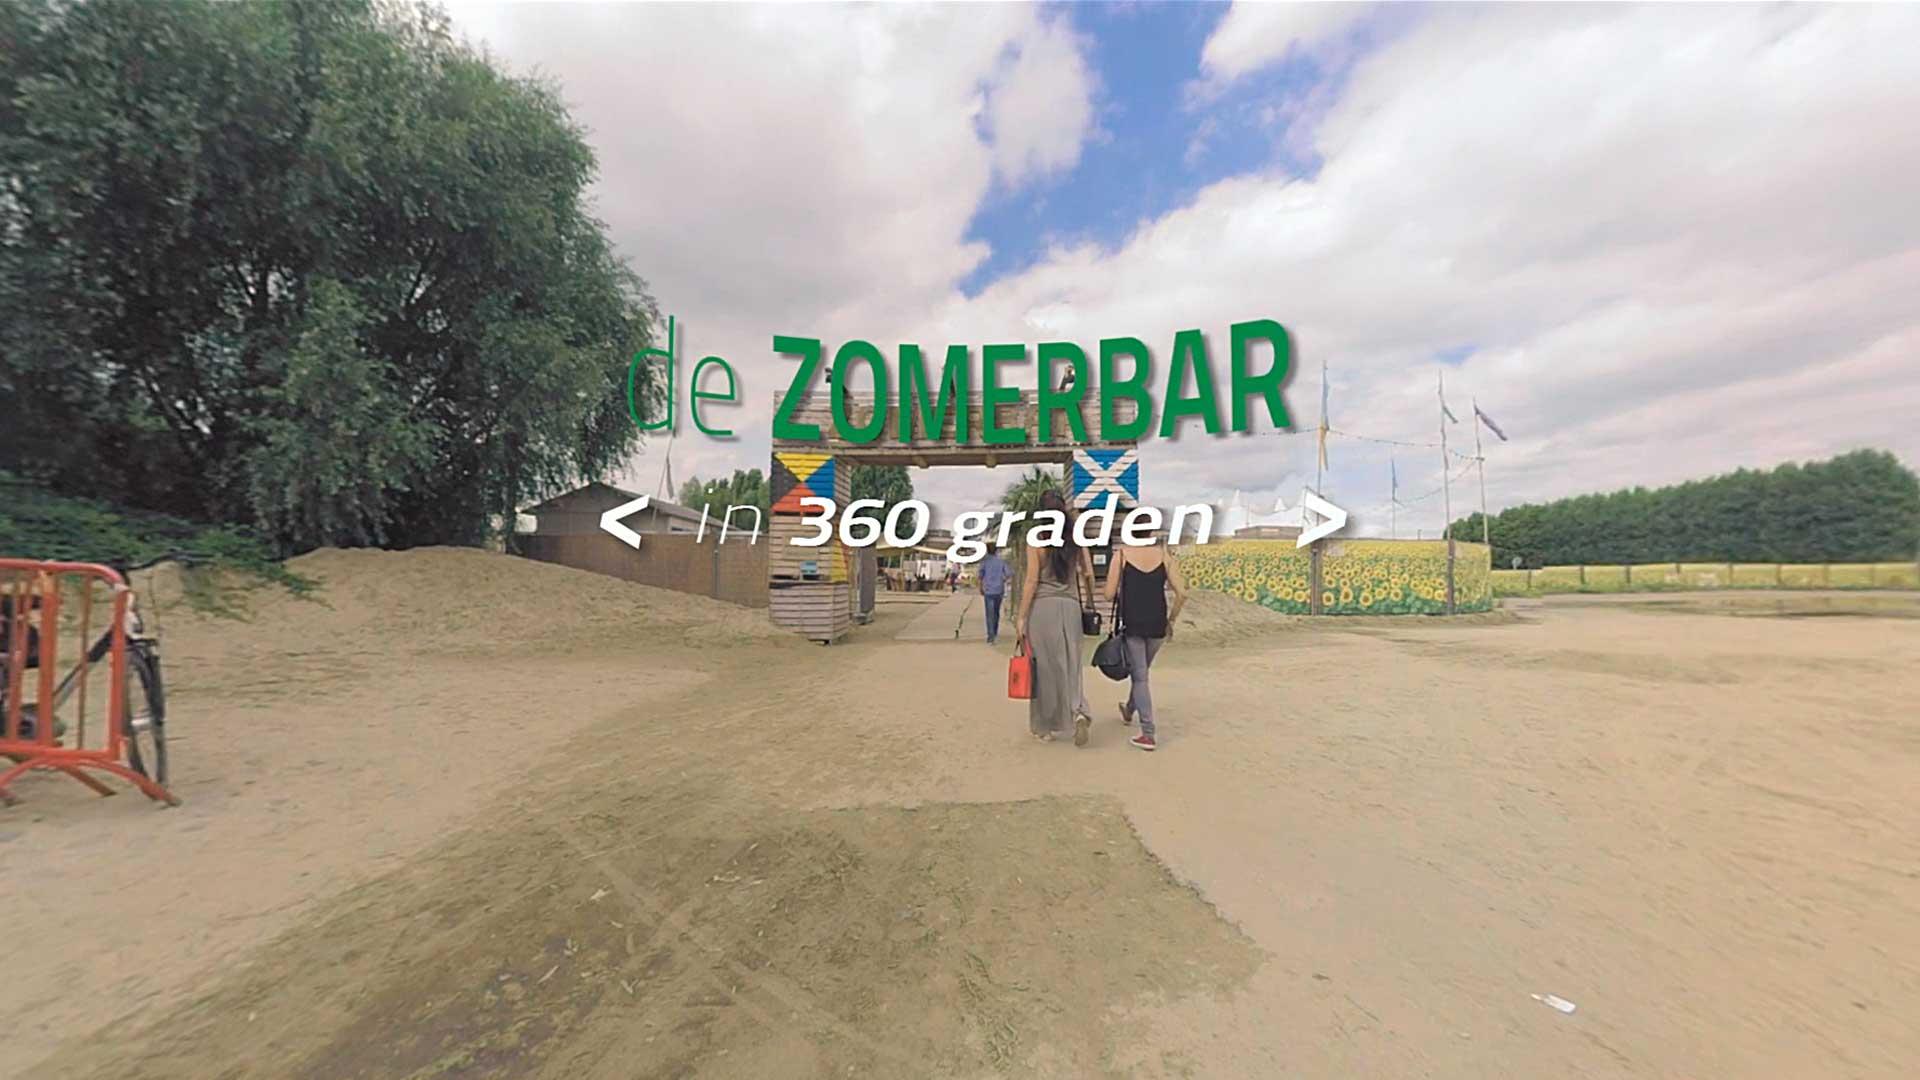 360 graden video Zomerbar